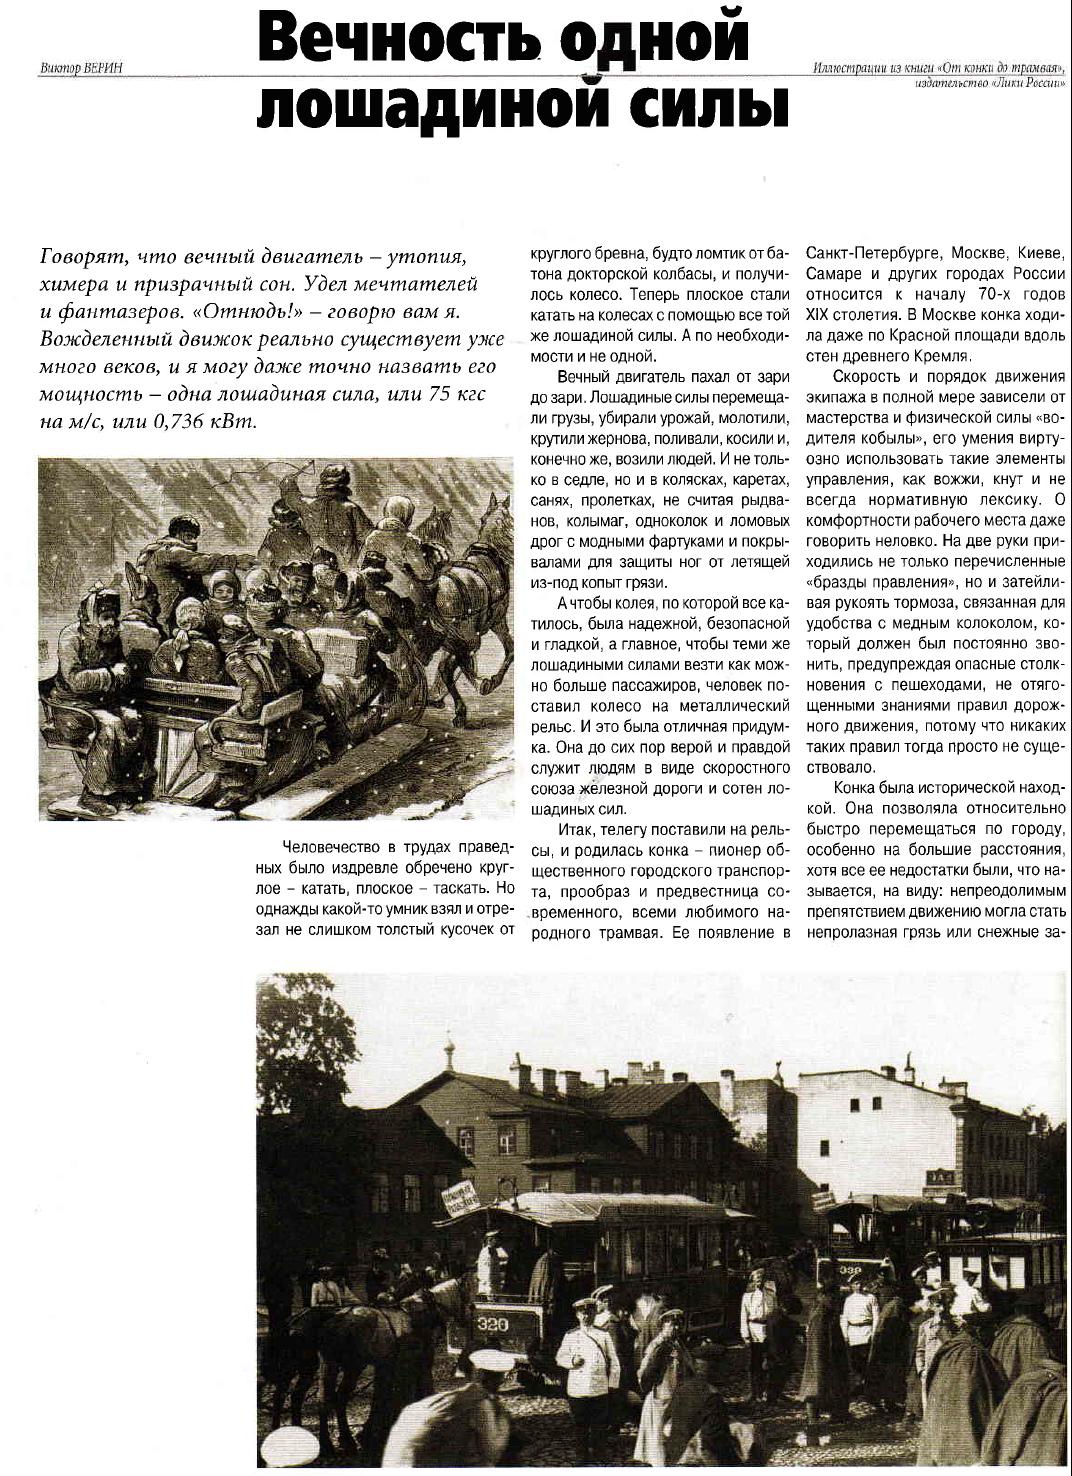 Вечность одной лошадиной силы. Статья из журнала (КМ 5-2002) Aba1b4620657be290a8763e802667bab